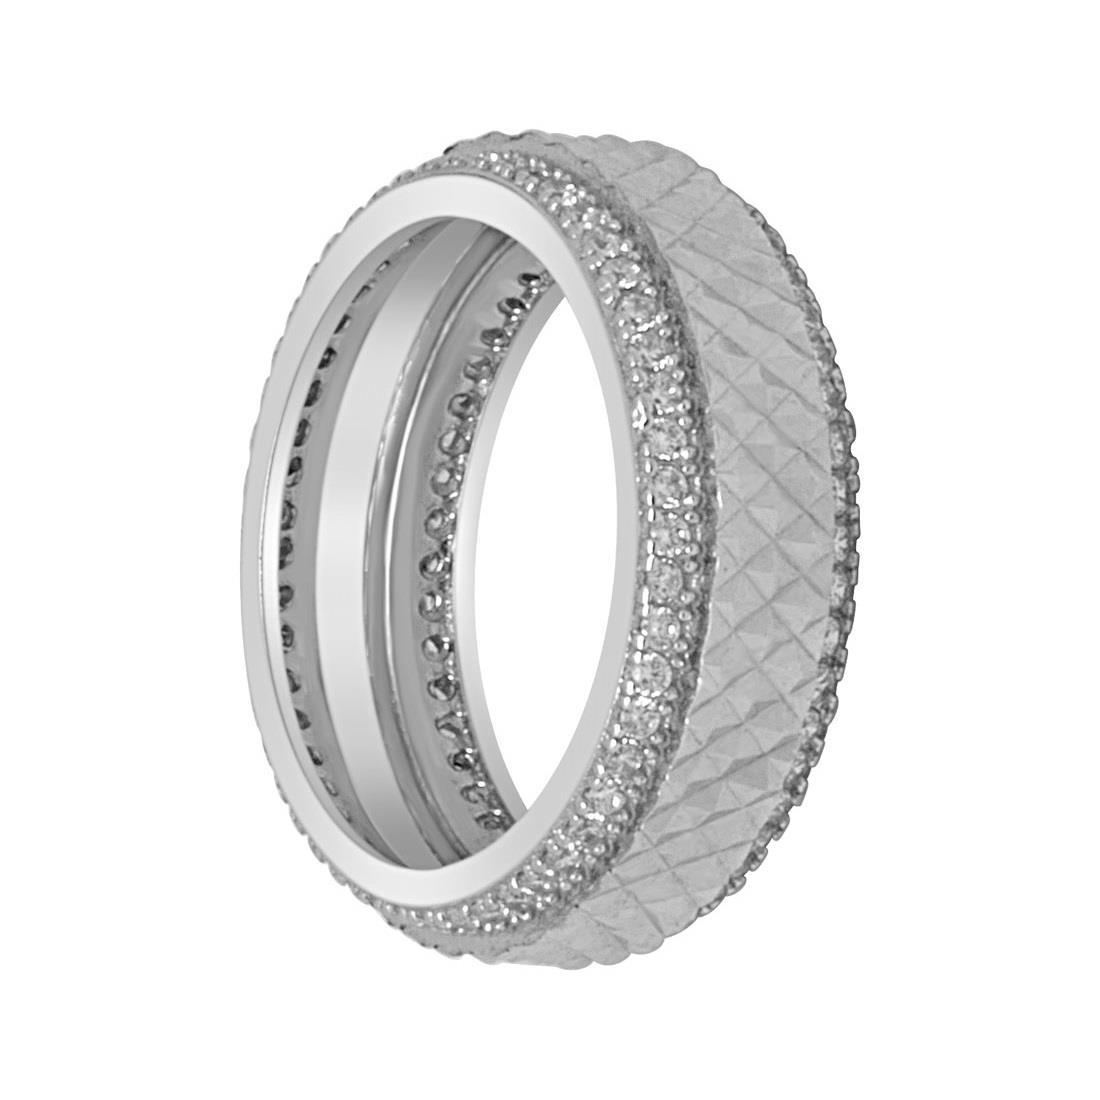 Anello a fascia in argento mis 14 - ORO&CO 925